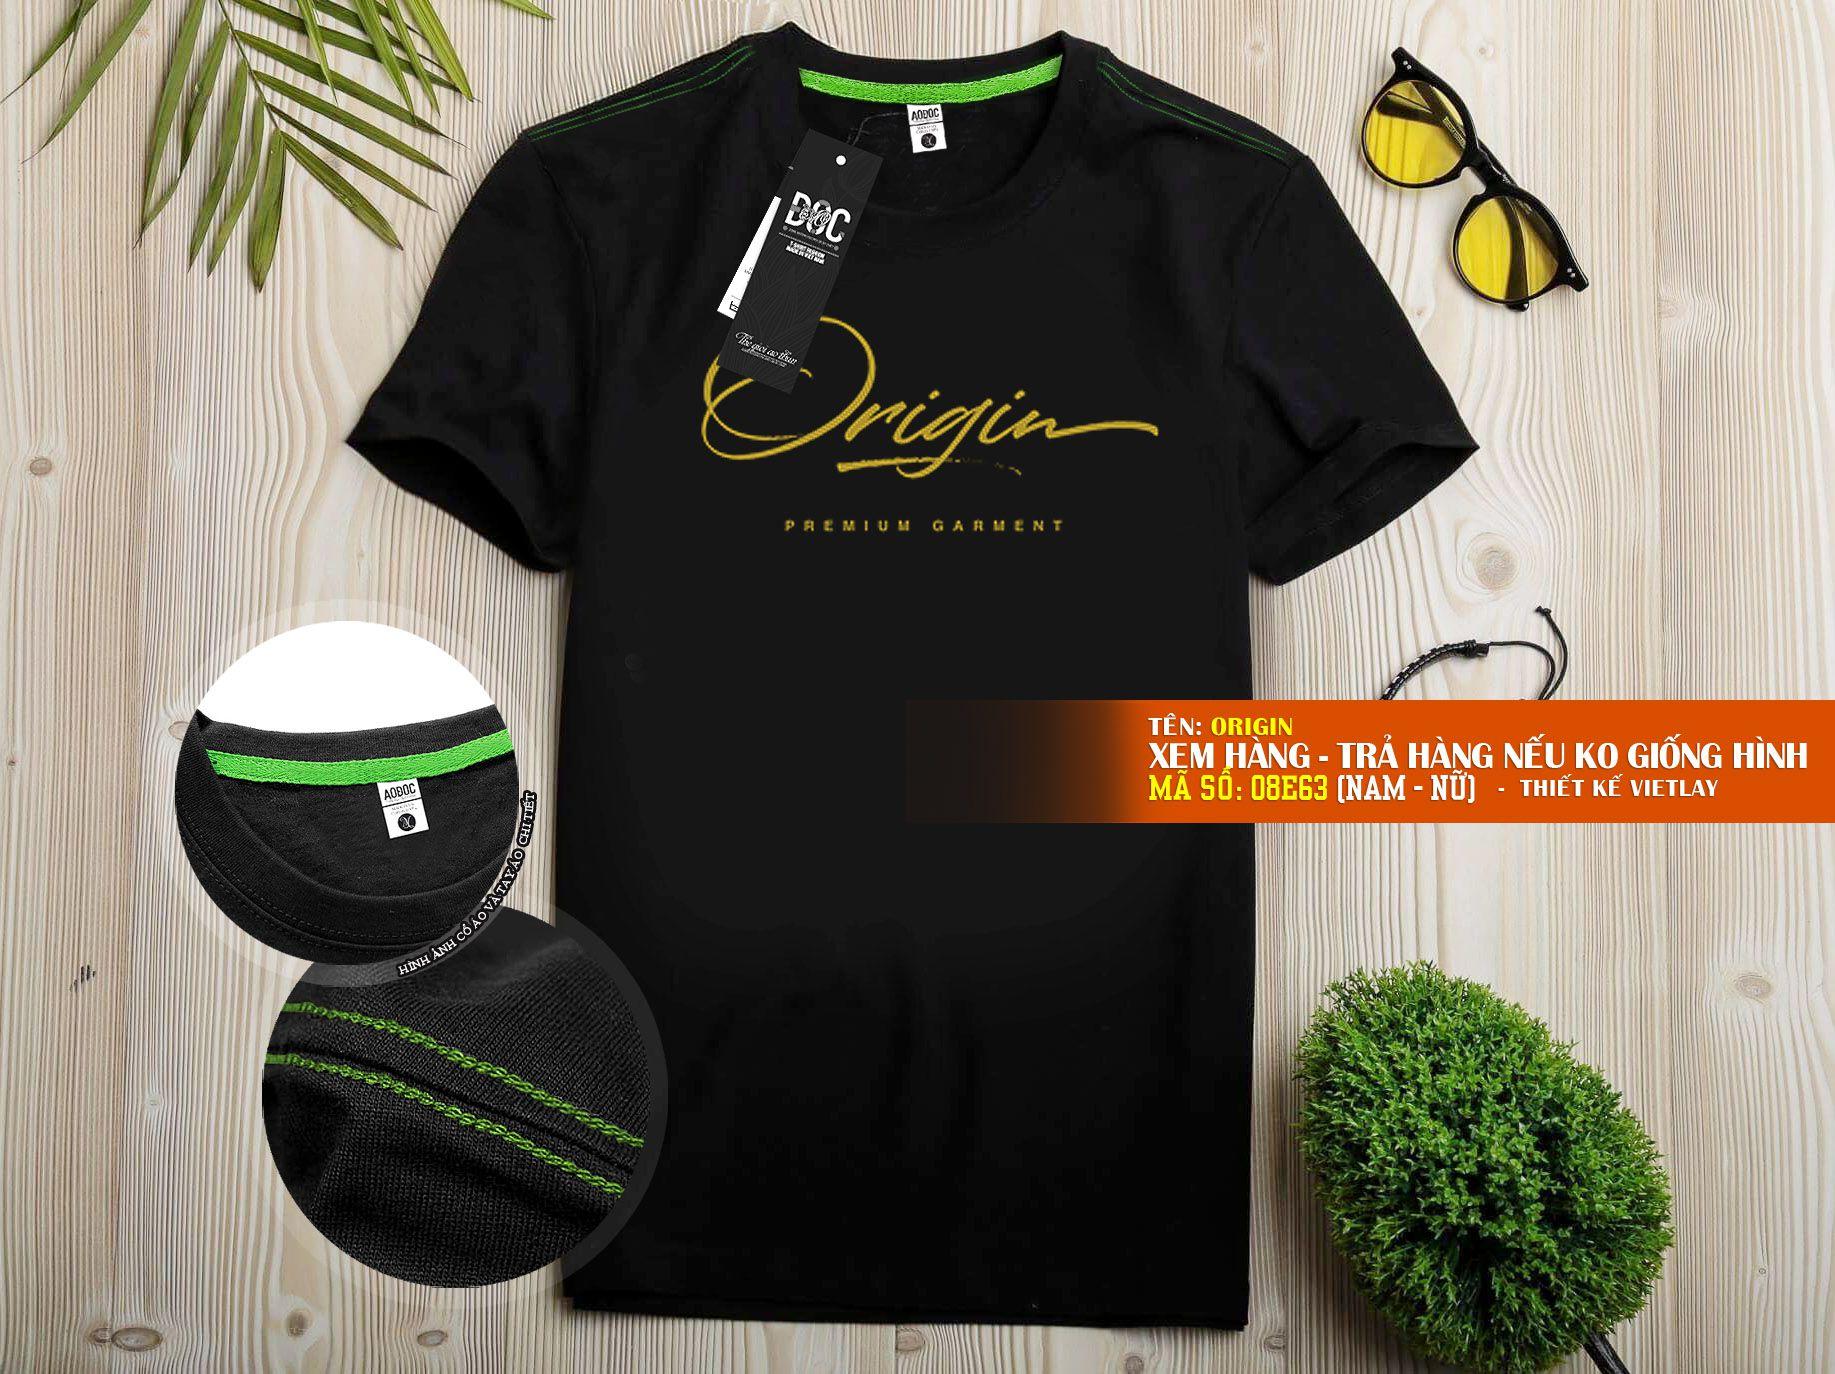 08E63 Origin